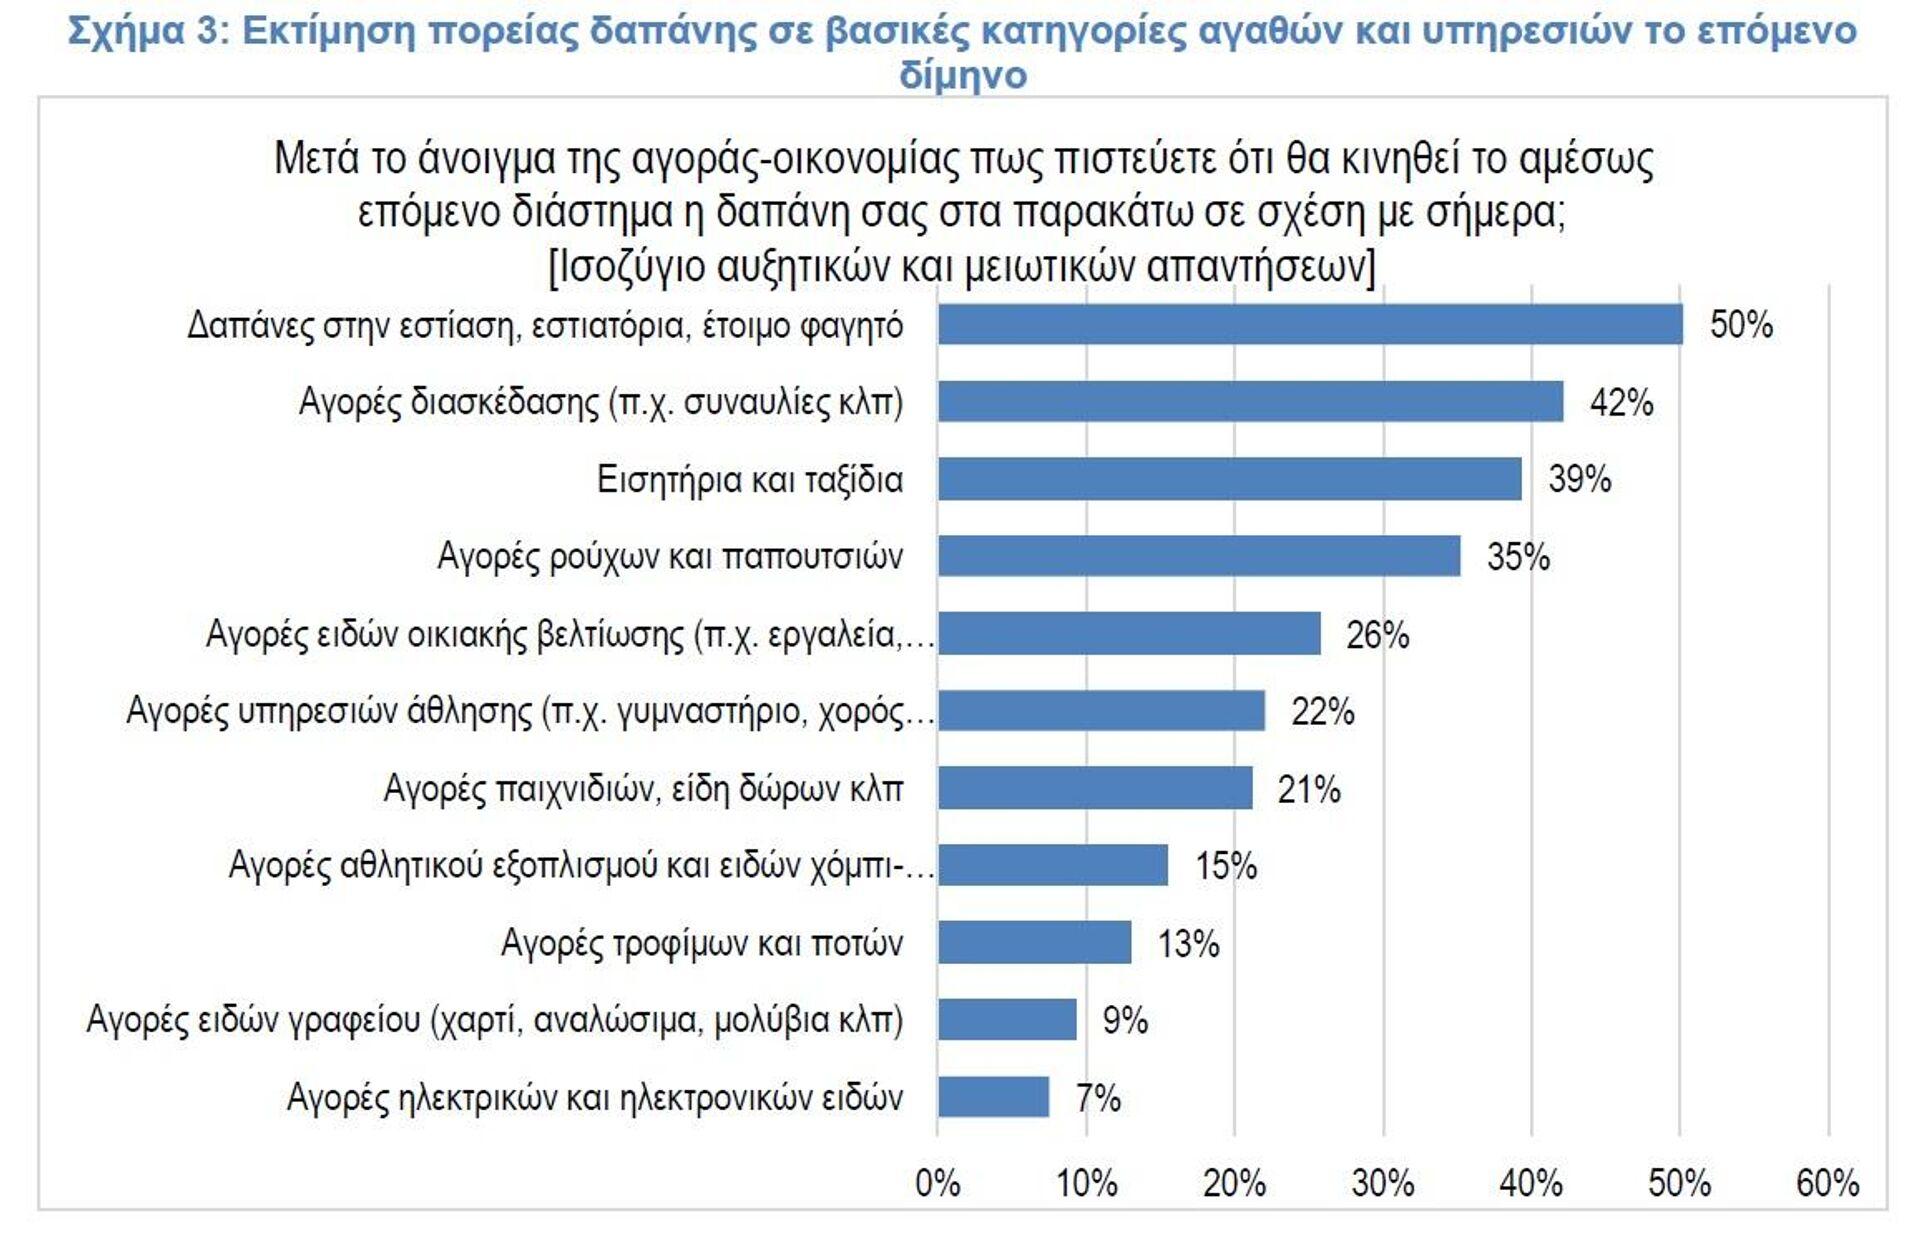 Δαπάνες καταναλωτών το επόμενο δίμηνο - Sputnik Ελλάδα, 1920, 14.04.2021